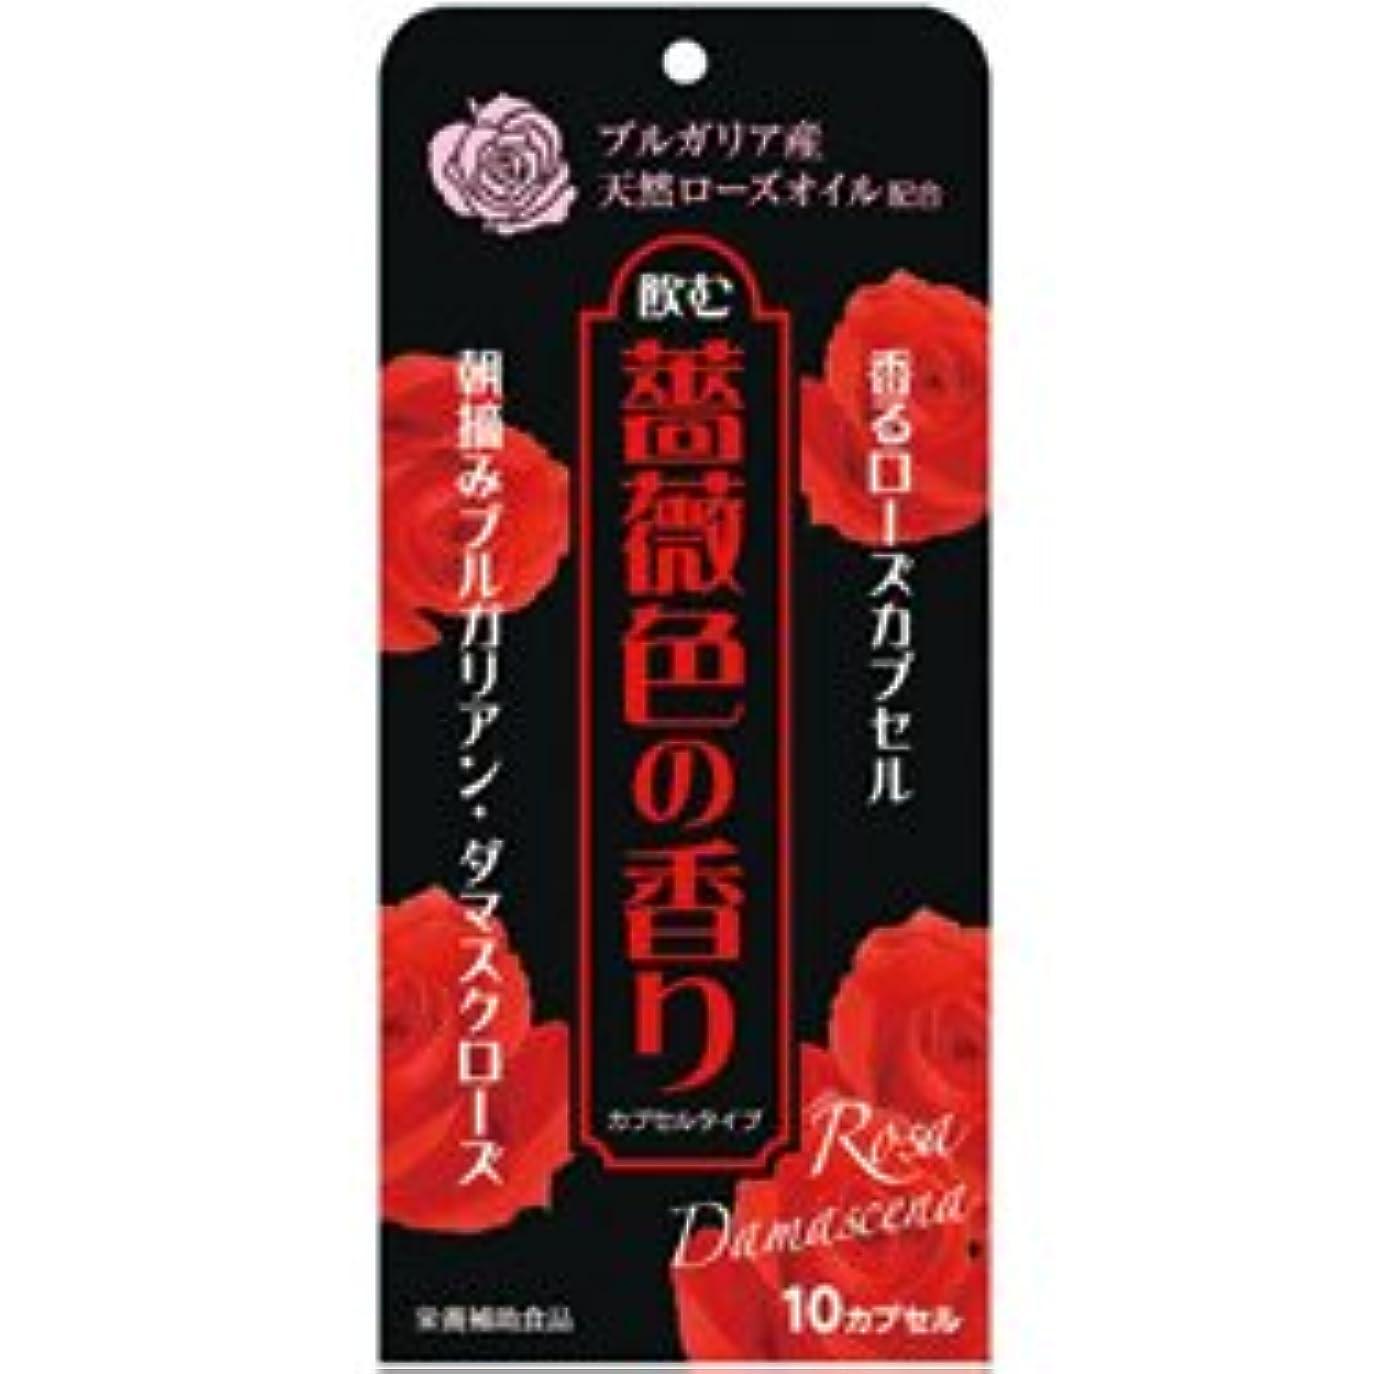 タクト放棄する逃す【ウェルネスジャパン】飲む薔薇色の香り 10カプセル ×5個セット